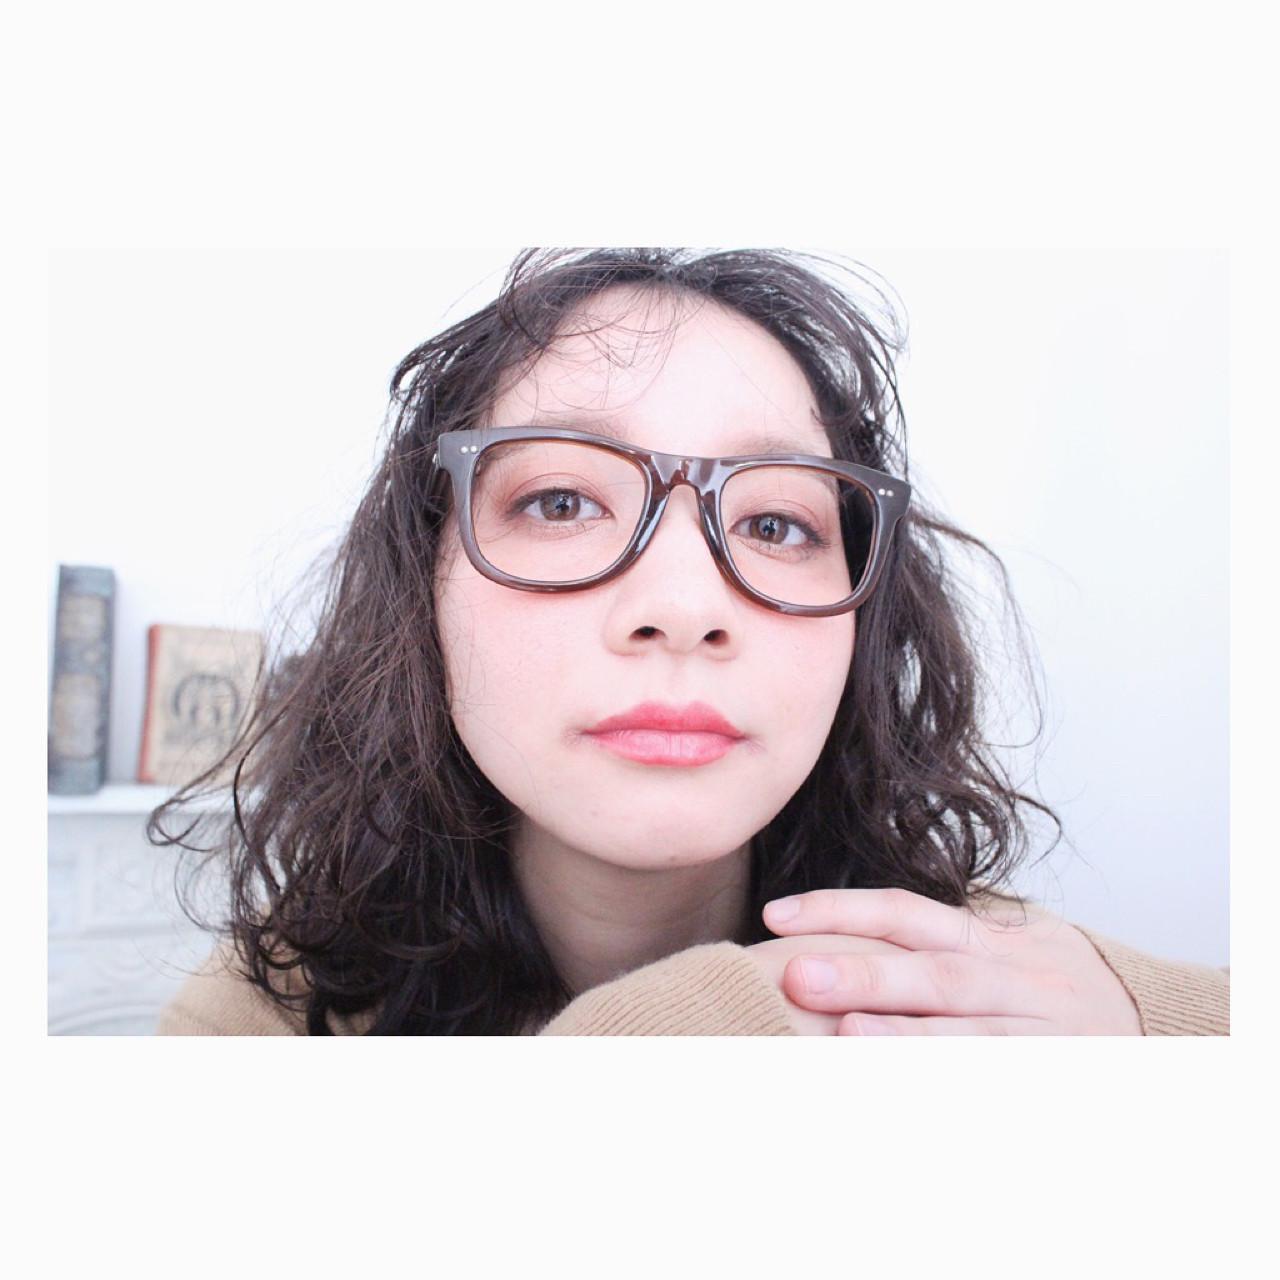 前髪あり ナチュラル パーマ 外国人風 ヘアスタイルや髪型の写真・画像 | 上田智久 / ooit 福岡 天神 / ooit